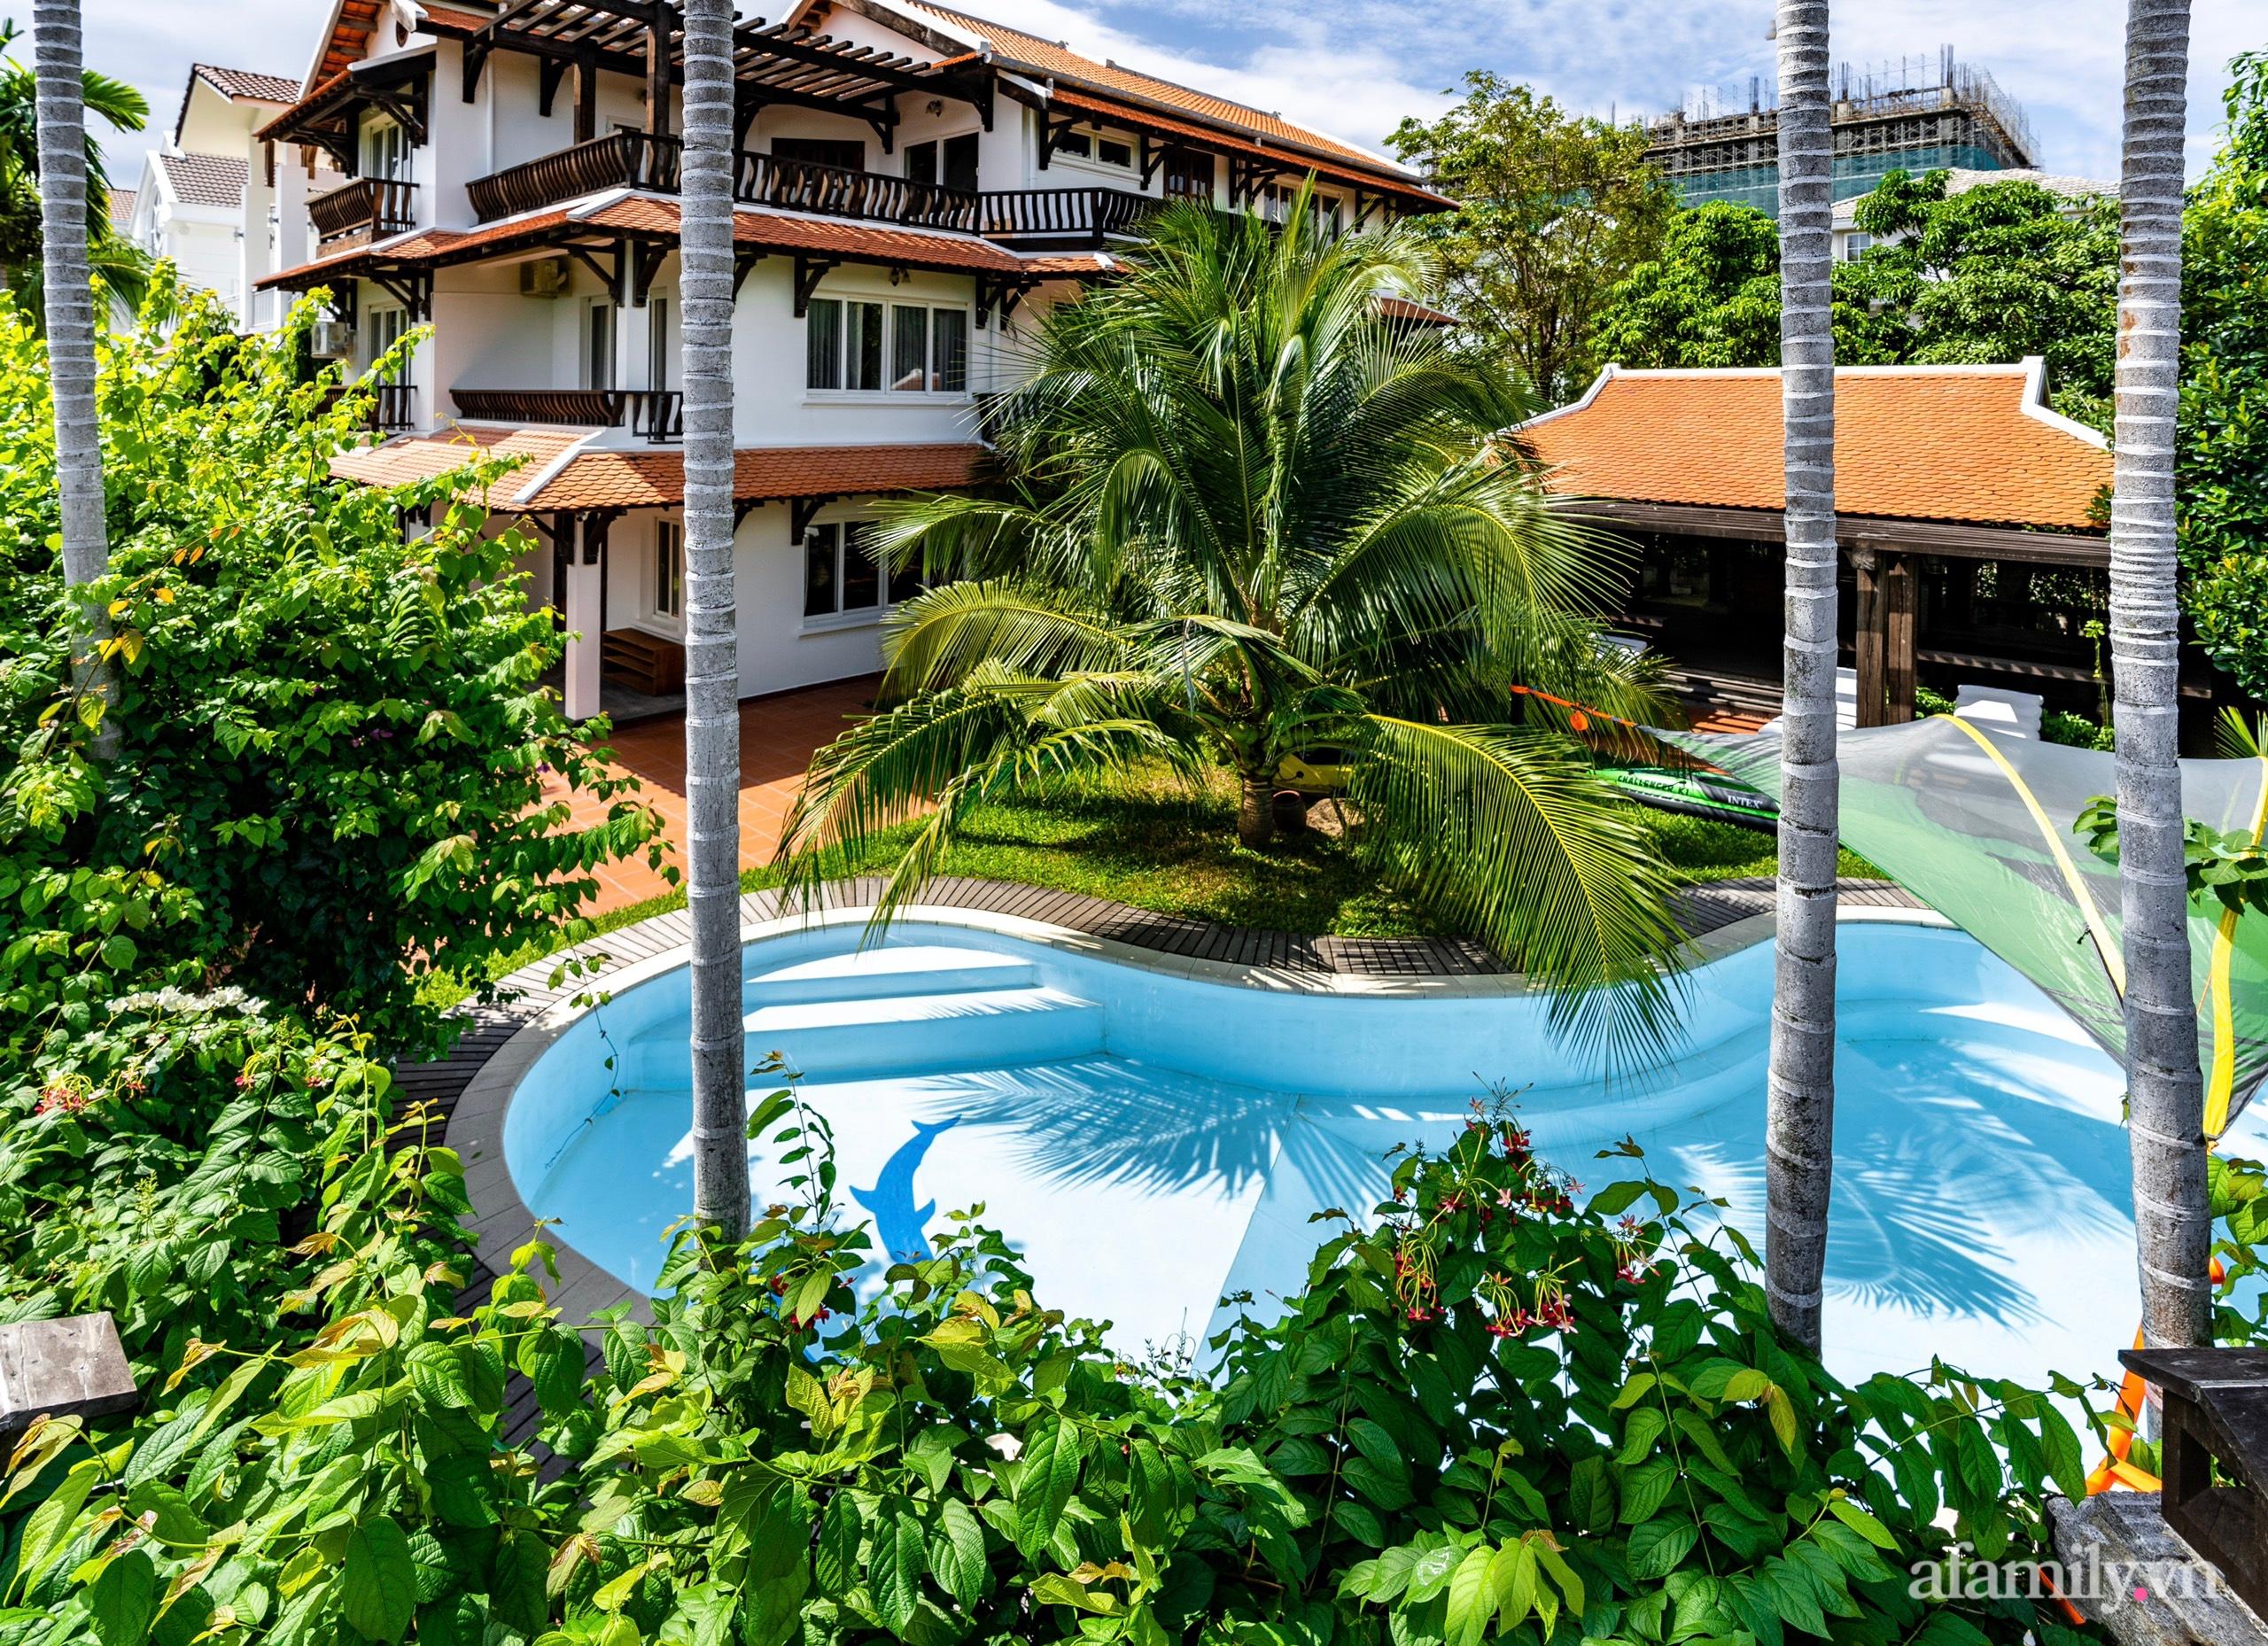 Căn nhà vườn xây 10 năm vẫn đẹp hút mắt với nội thất gỗ và cây xanh quanh nhà ở Nha Trang-31